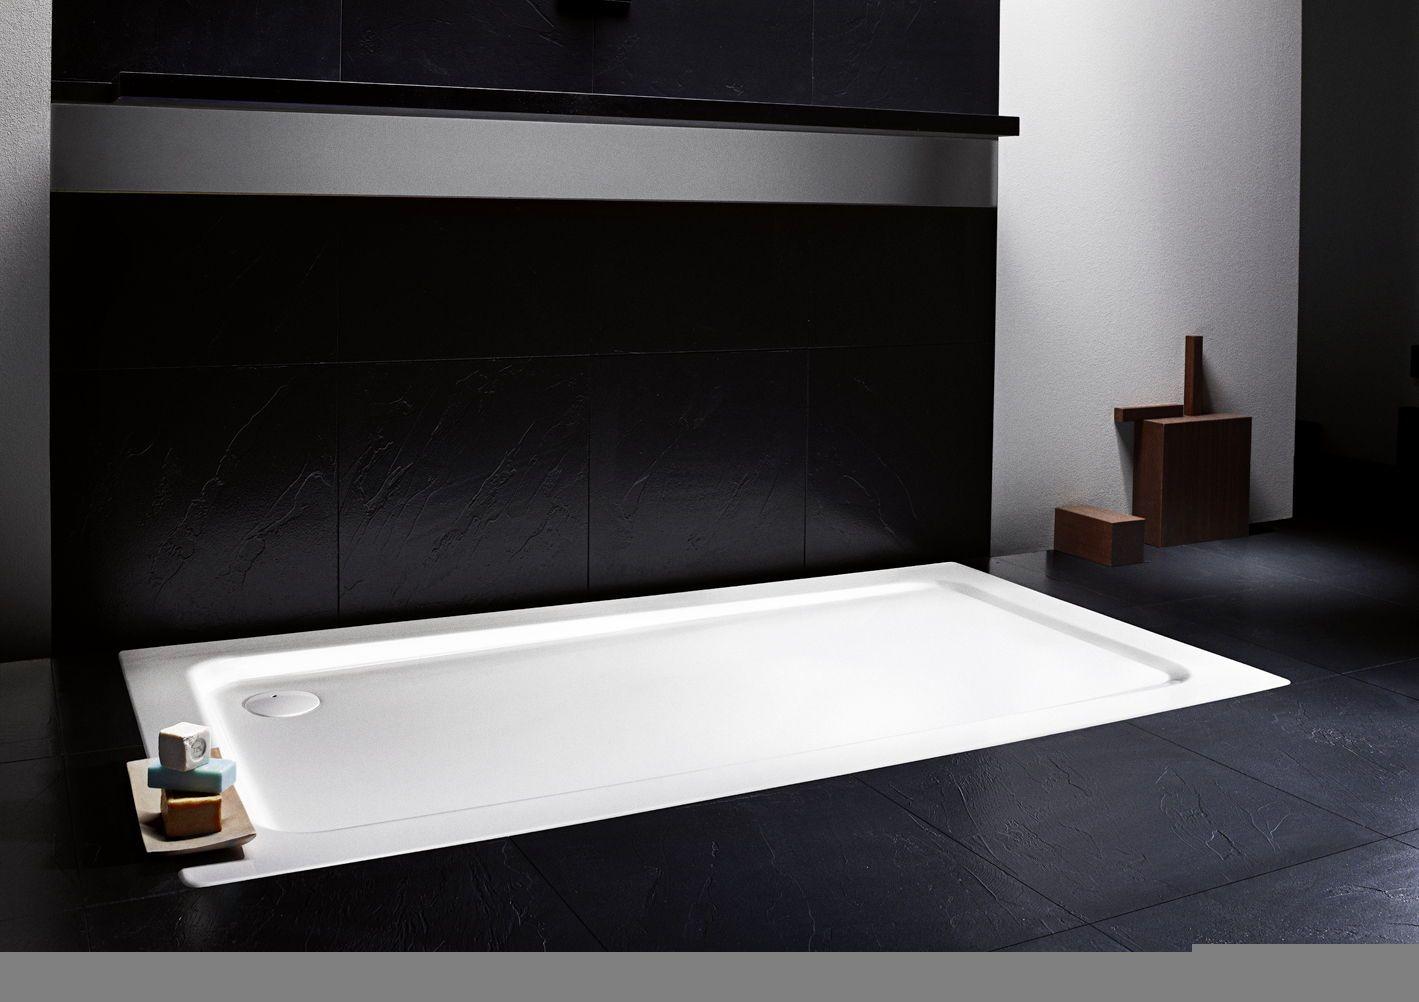 Finde Jetzt Dein Traumbad Wertvolle Tipps Von Der Planung Bis Zur Umsetzung Mit Bildern Kaldewei Badezimmer Design Badezimmer Einrichtung